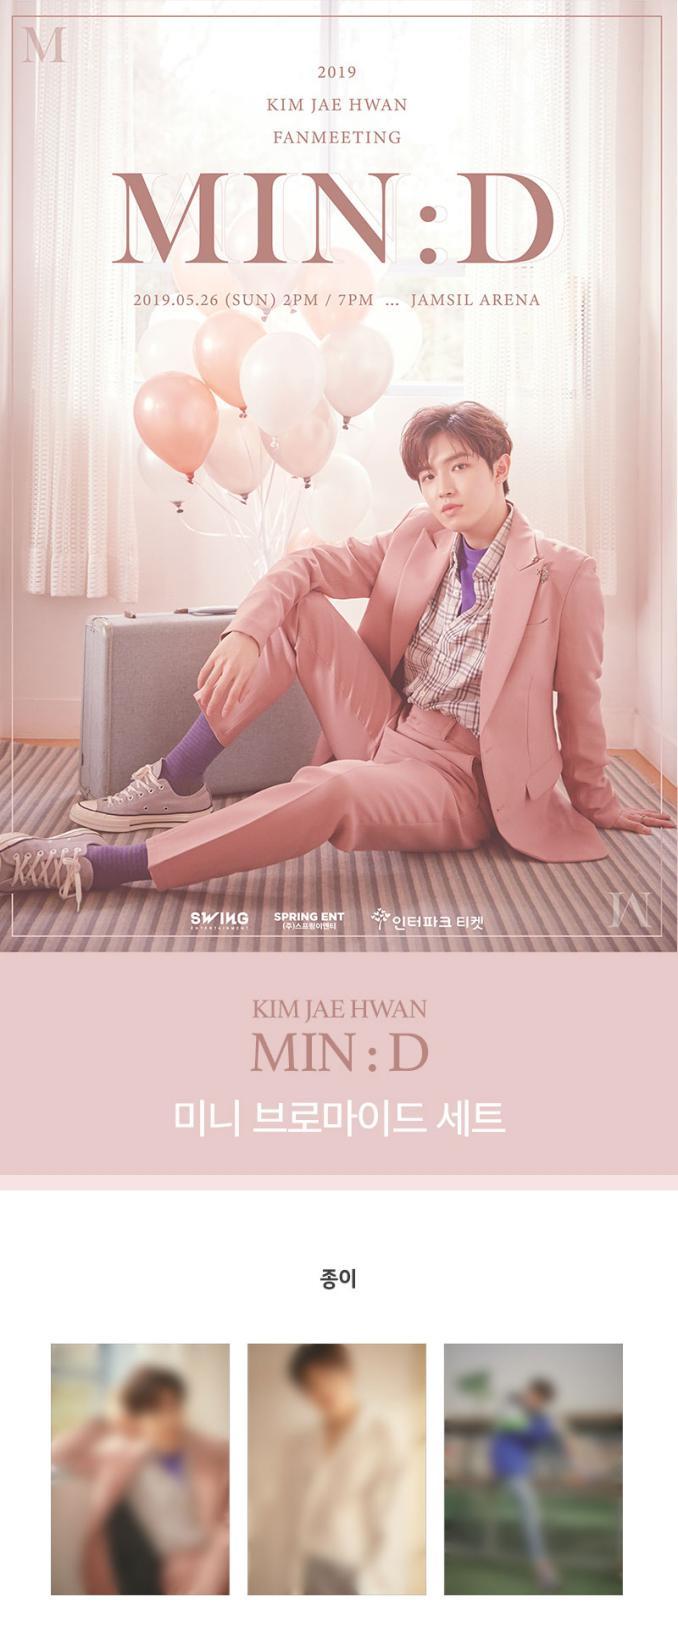 kimjaehwan_mind_minibromideset_01.jpg